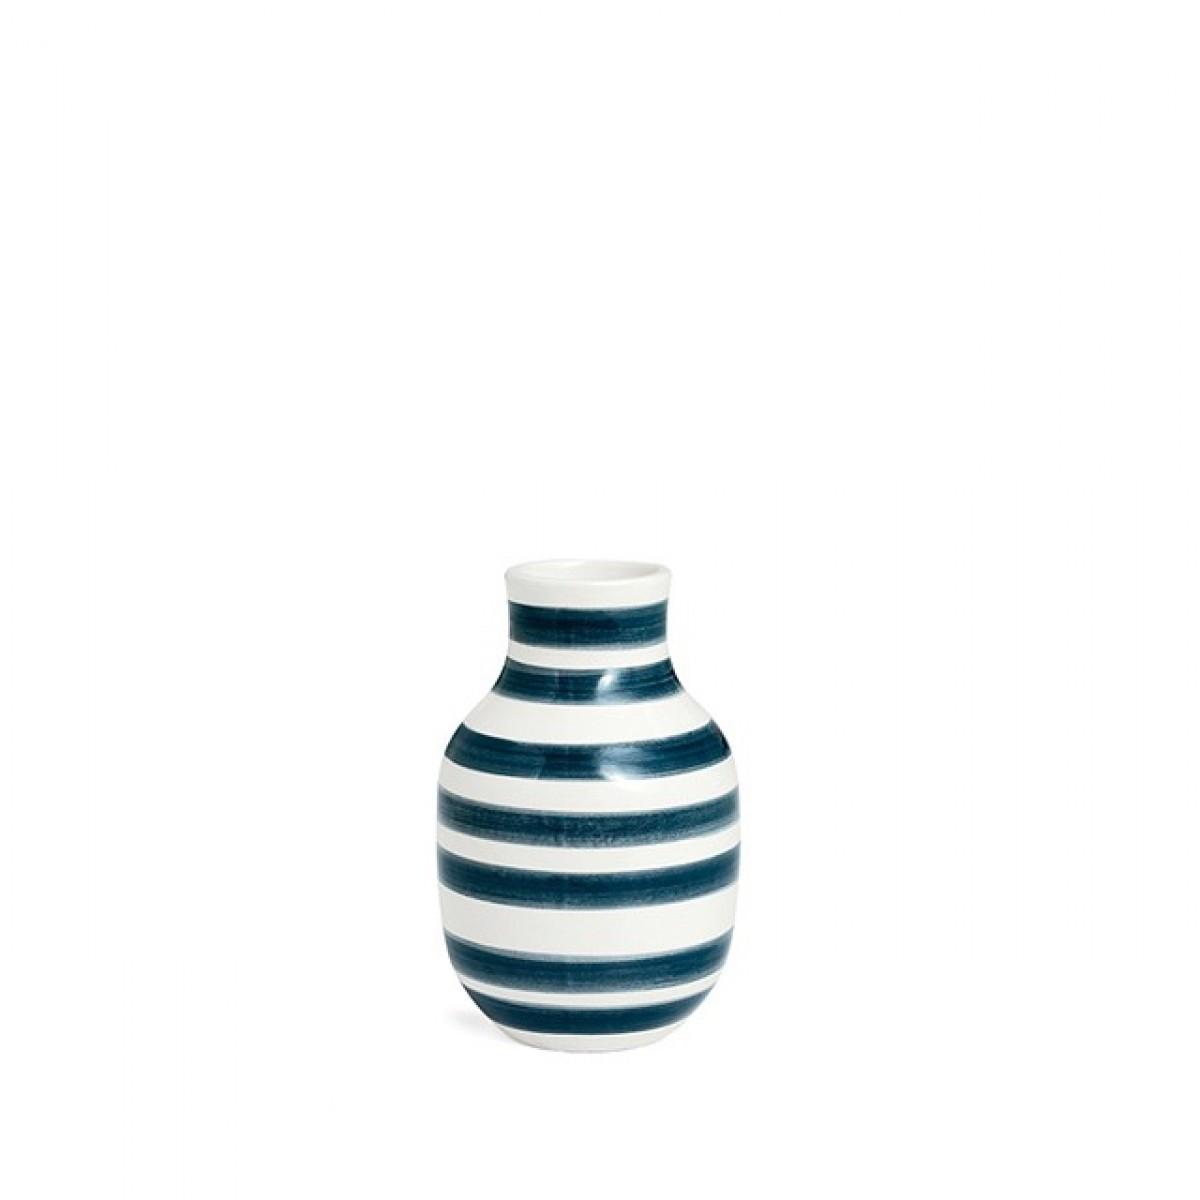 KÄHLER Omaggio vase granit grå 12,5 cm.